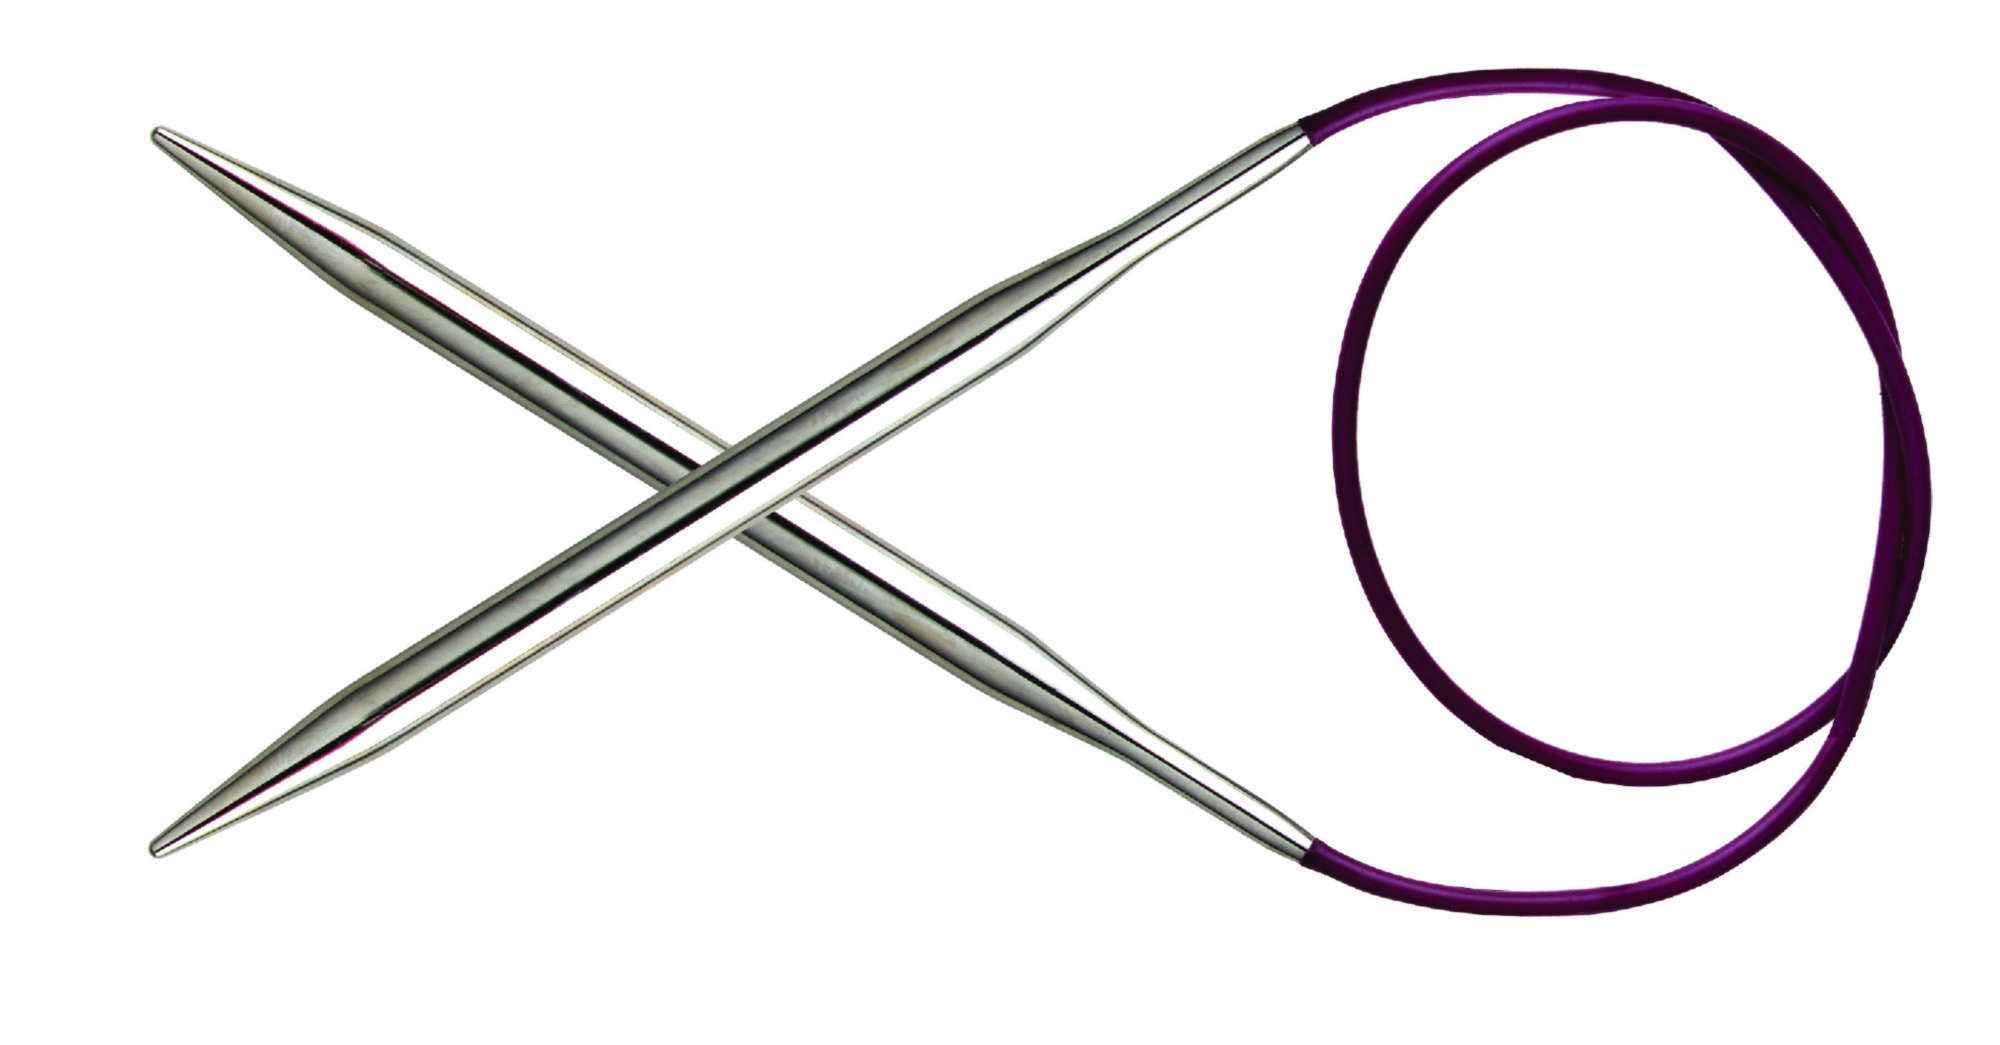 Спицы круговые 25 см Nova Metal KnitPro, 10978, 3.75 мм